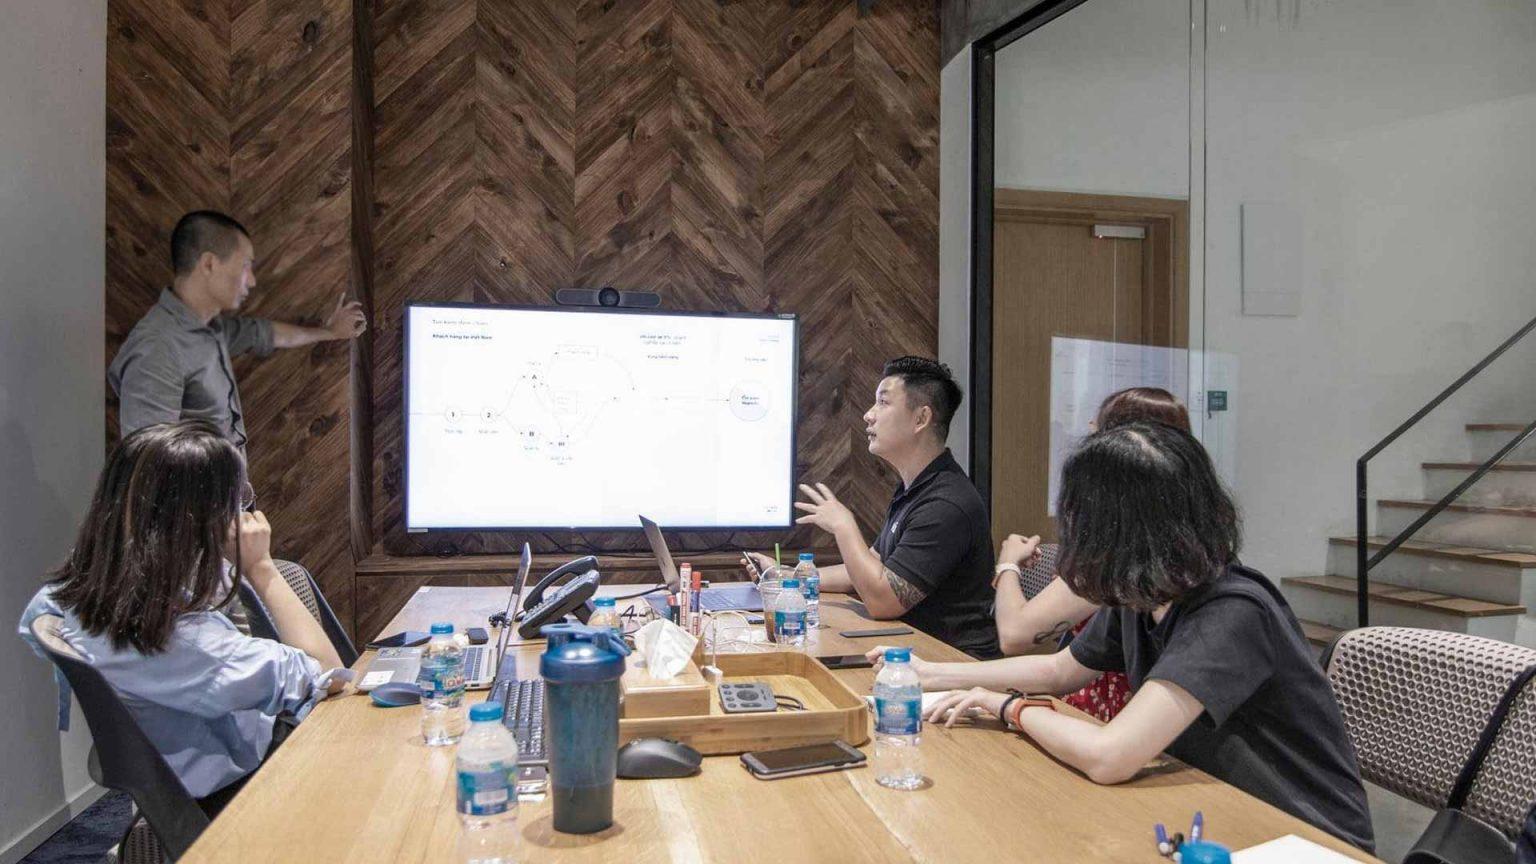 Đội ngũ Vũ Digital và khách hàng đang cùng phân tích và tìm hiểu chân dung khách hàng.